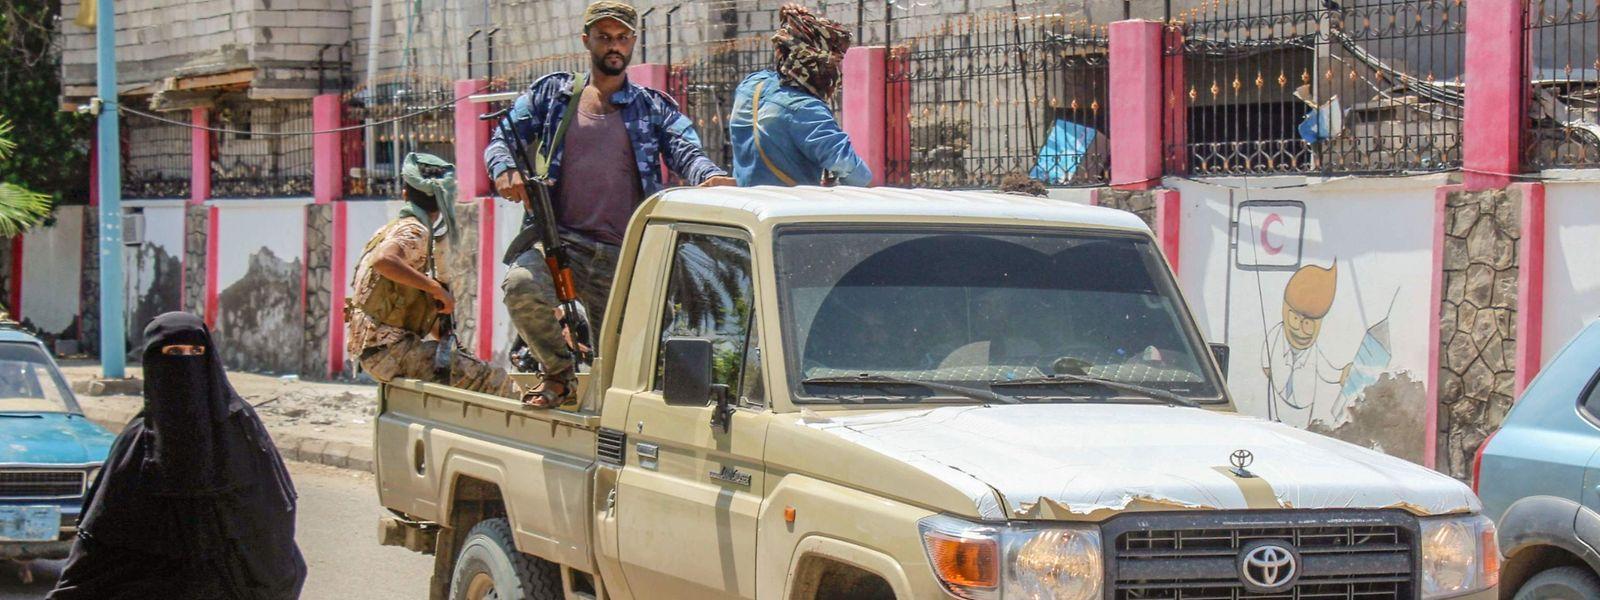 Die Separatisten des sogenannten Südlichen Übergangsrats (STC) brachen das Friedensabkommen und nahmen die Hafenstadt Aden vollständig unter Kontrolle.